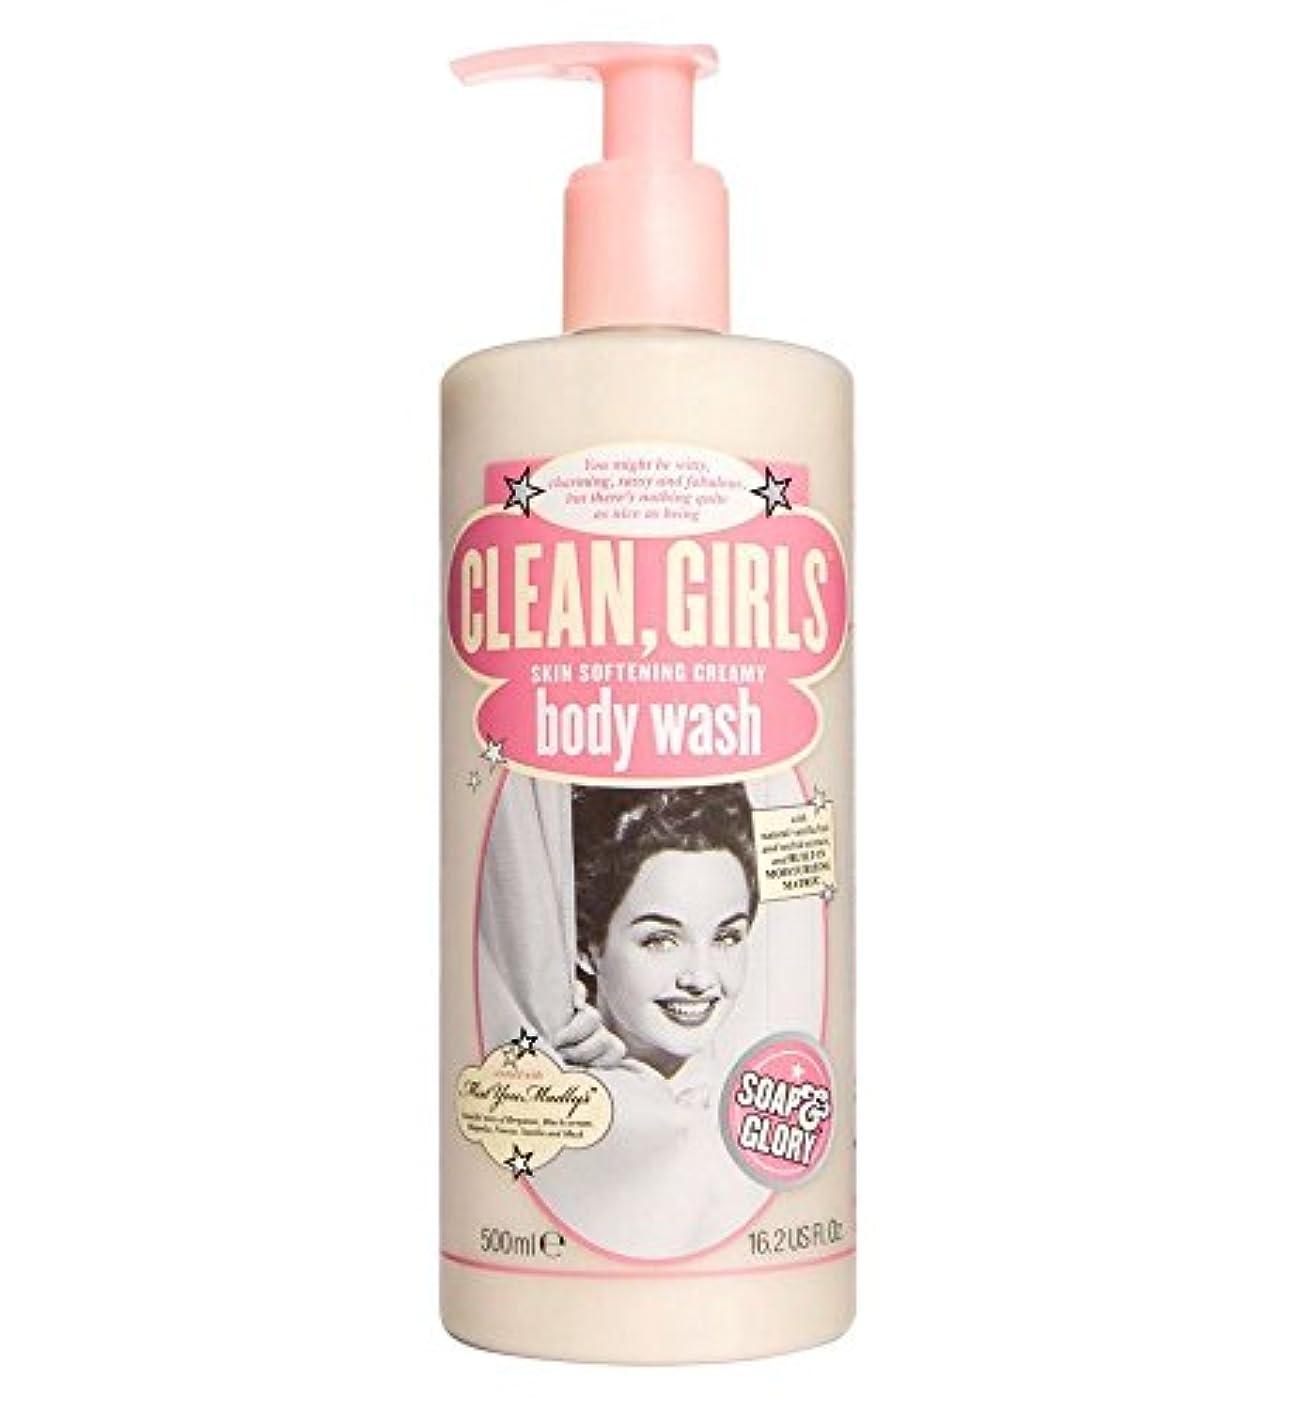 聖なる年ポークSoap & Glory Clean Girls Body Wash 500ml by Soap & Glory [並行輸入品]